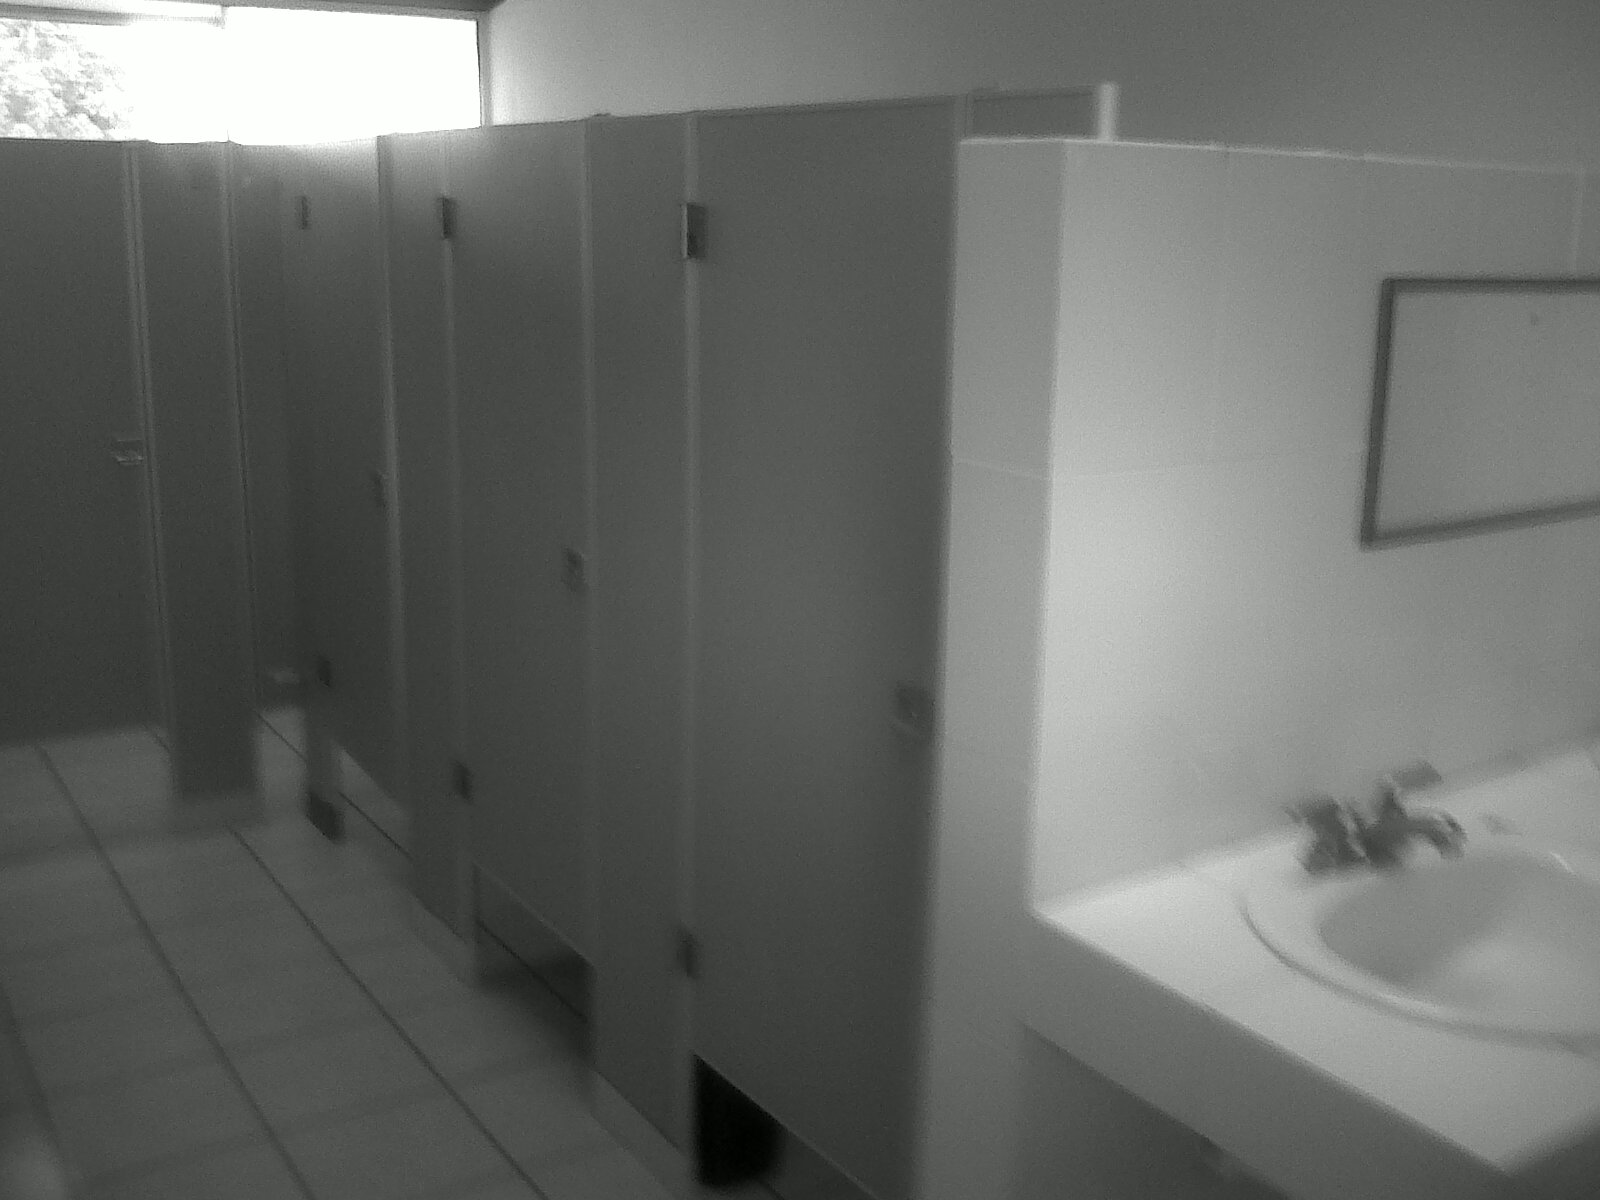 Imagenes De Baños Del Futuro: de entrar al baño para no ensuciarlo 4 cerrar las llaves despues de